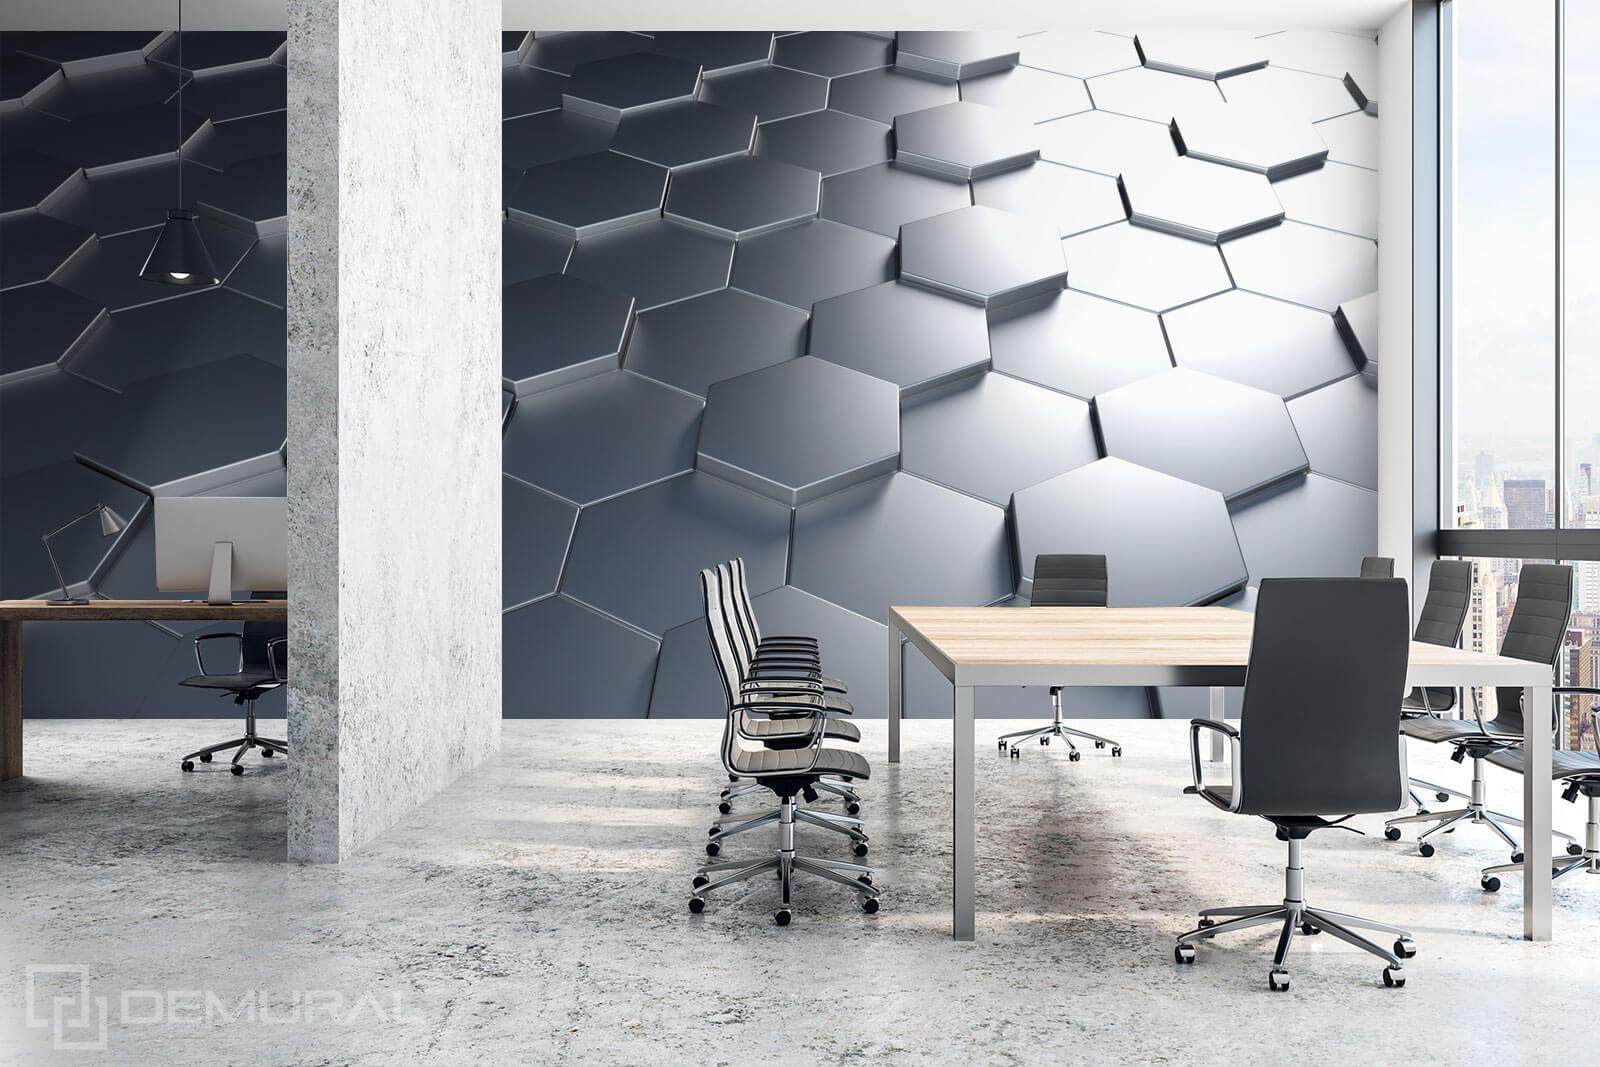 Photo wallpaper 3D Hexagons - Photo wallpaper 3D - Demural